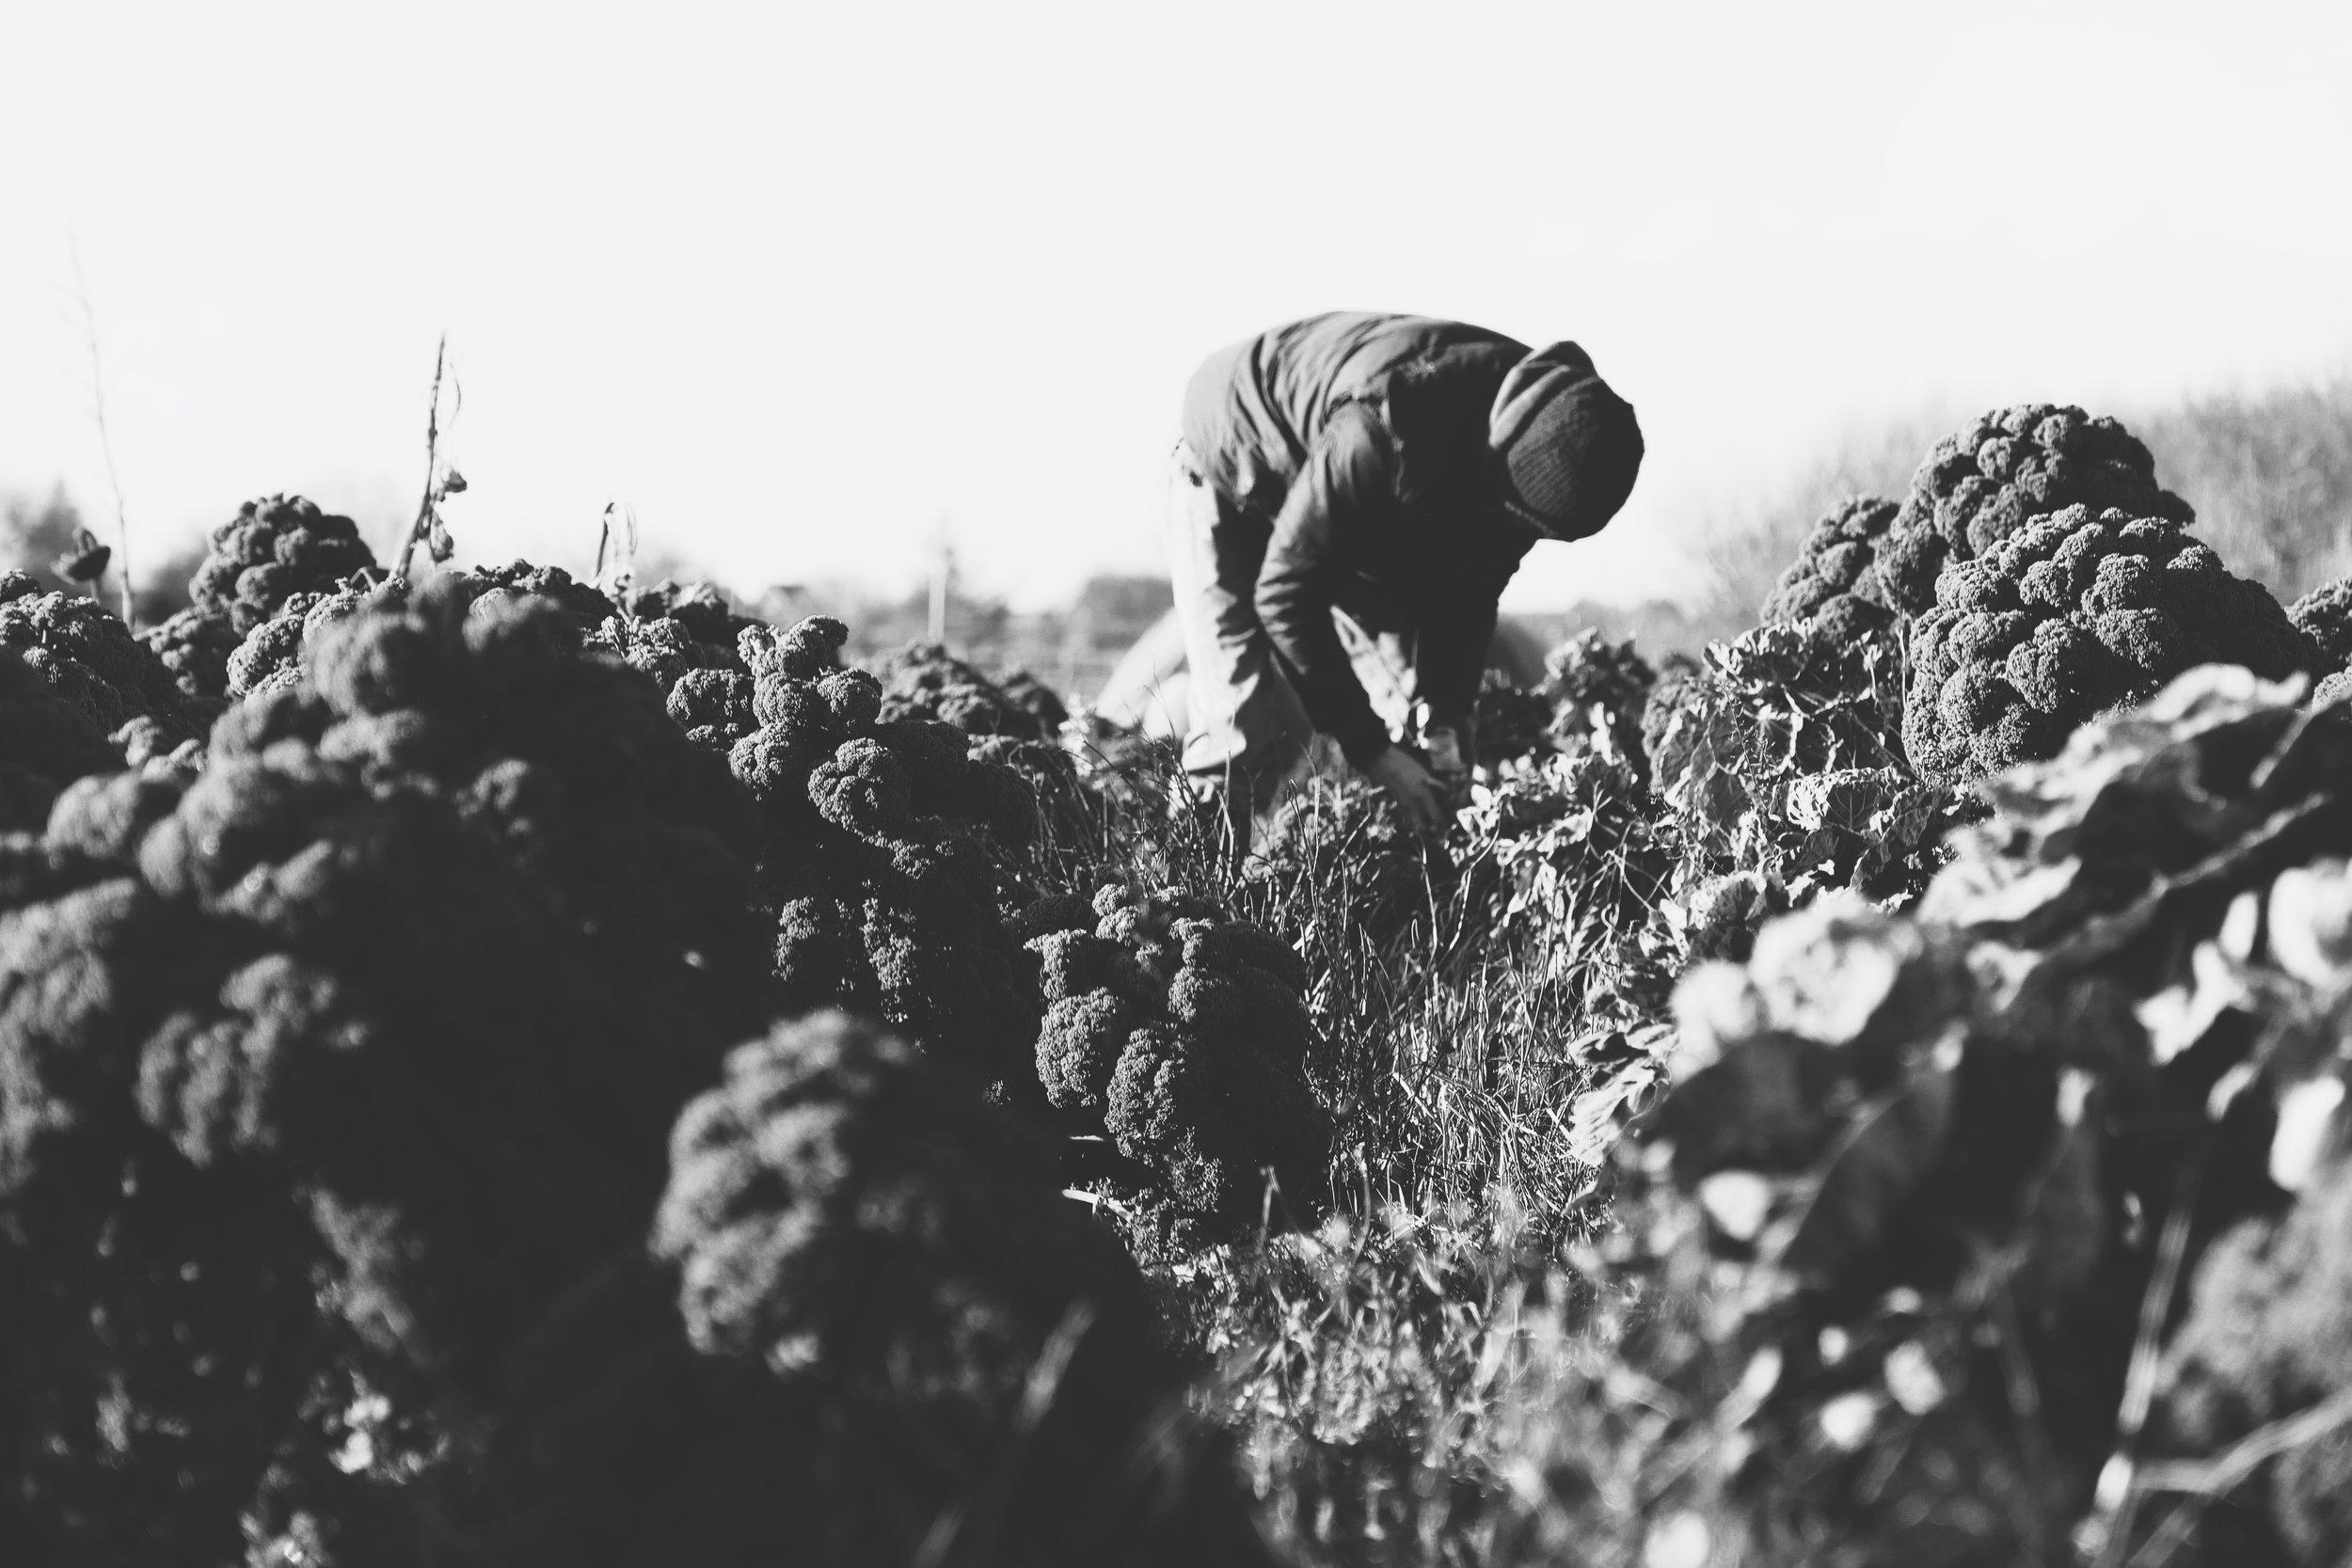 (c) Julz // Diese Haltung hat es in sich: Sohnemann Jens Volquardsen pflückt Grün- und Rosenkohl auf dem Feld des Erdbeerparadies in Braderup.